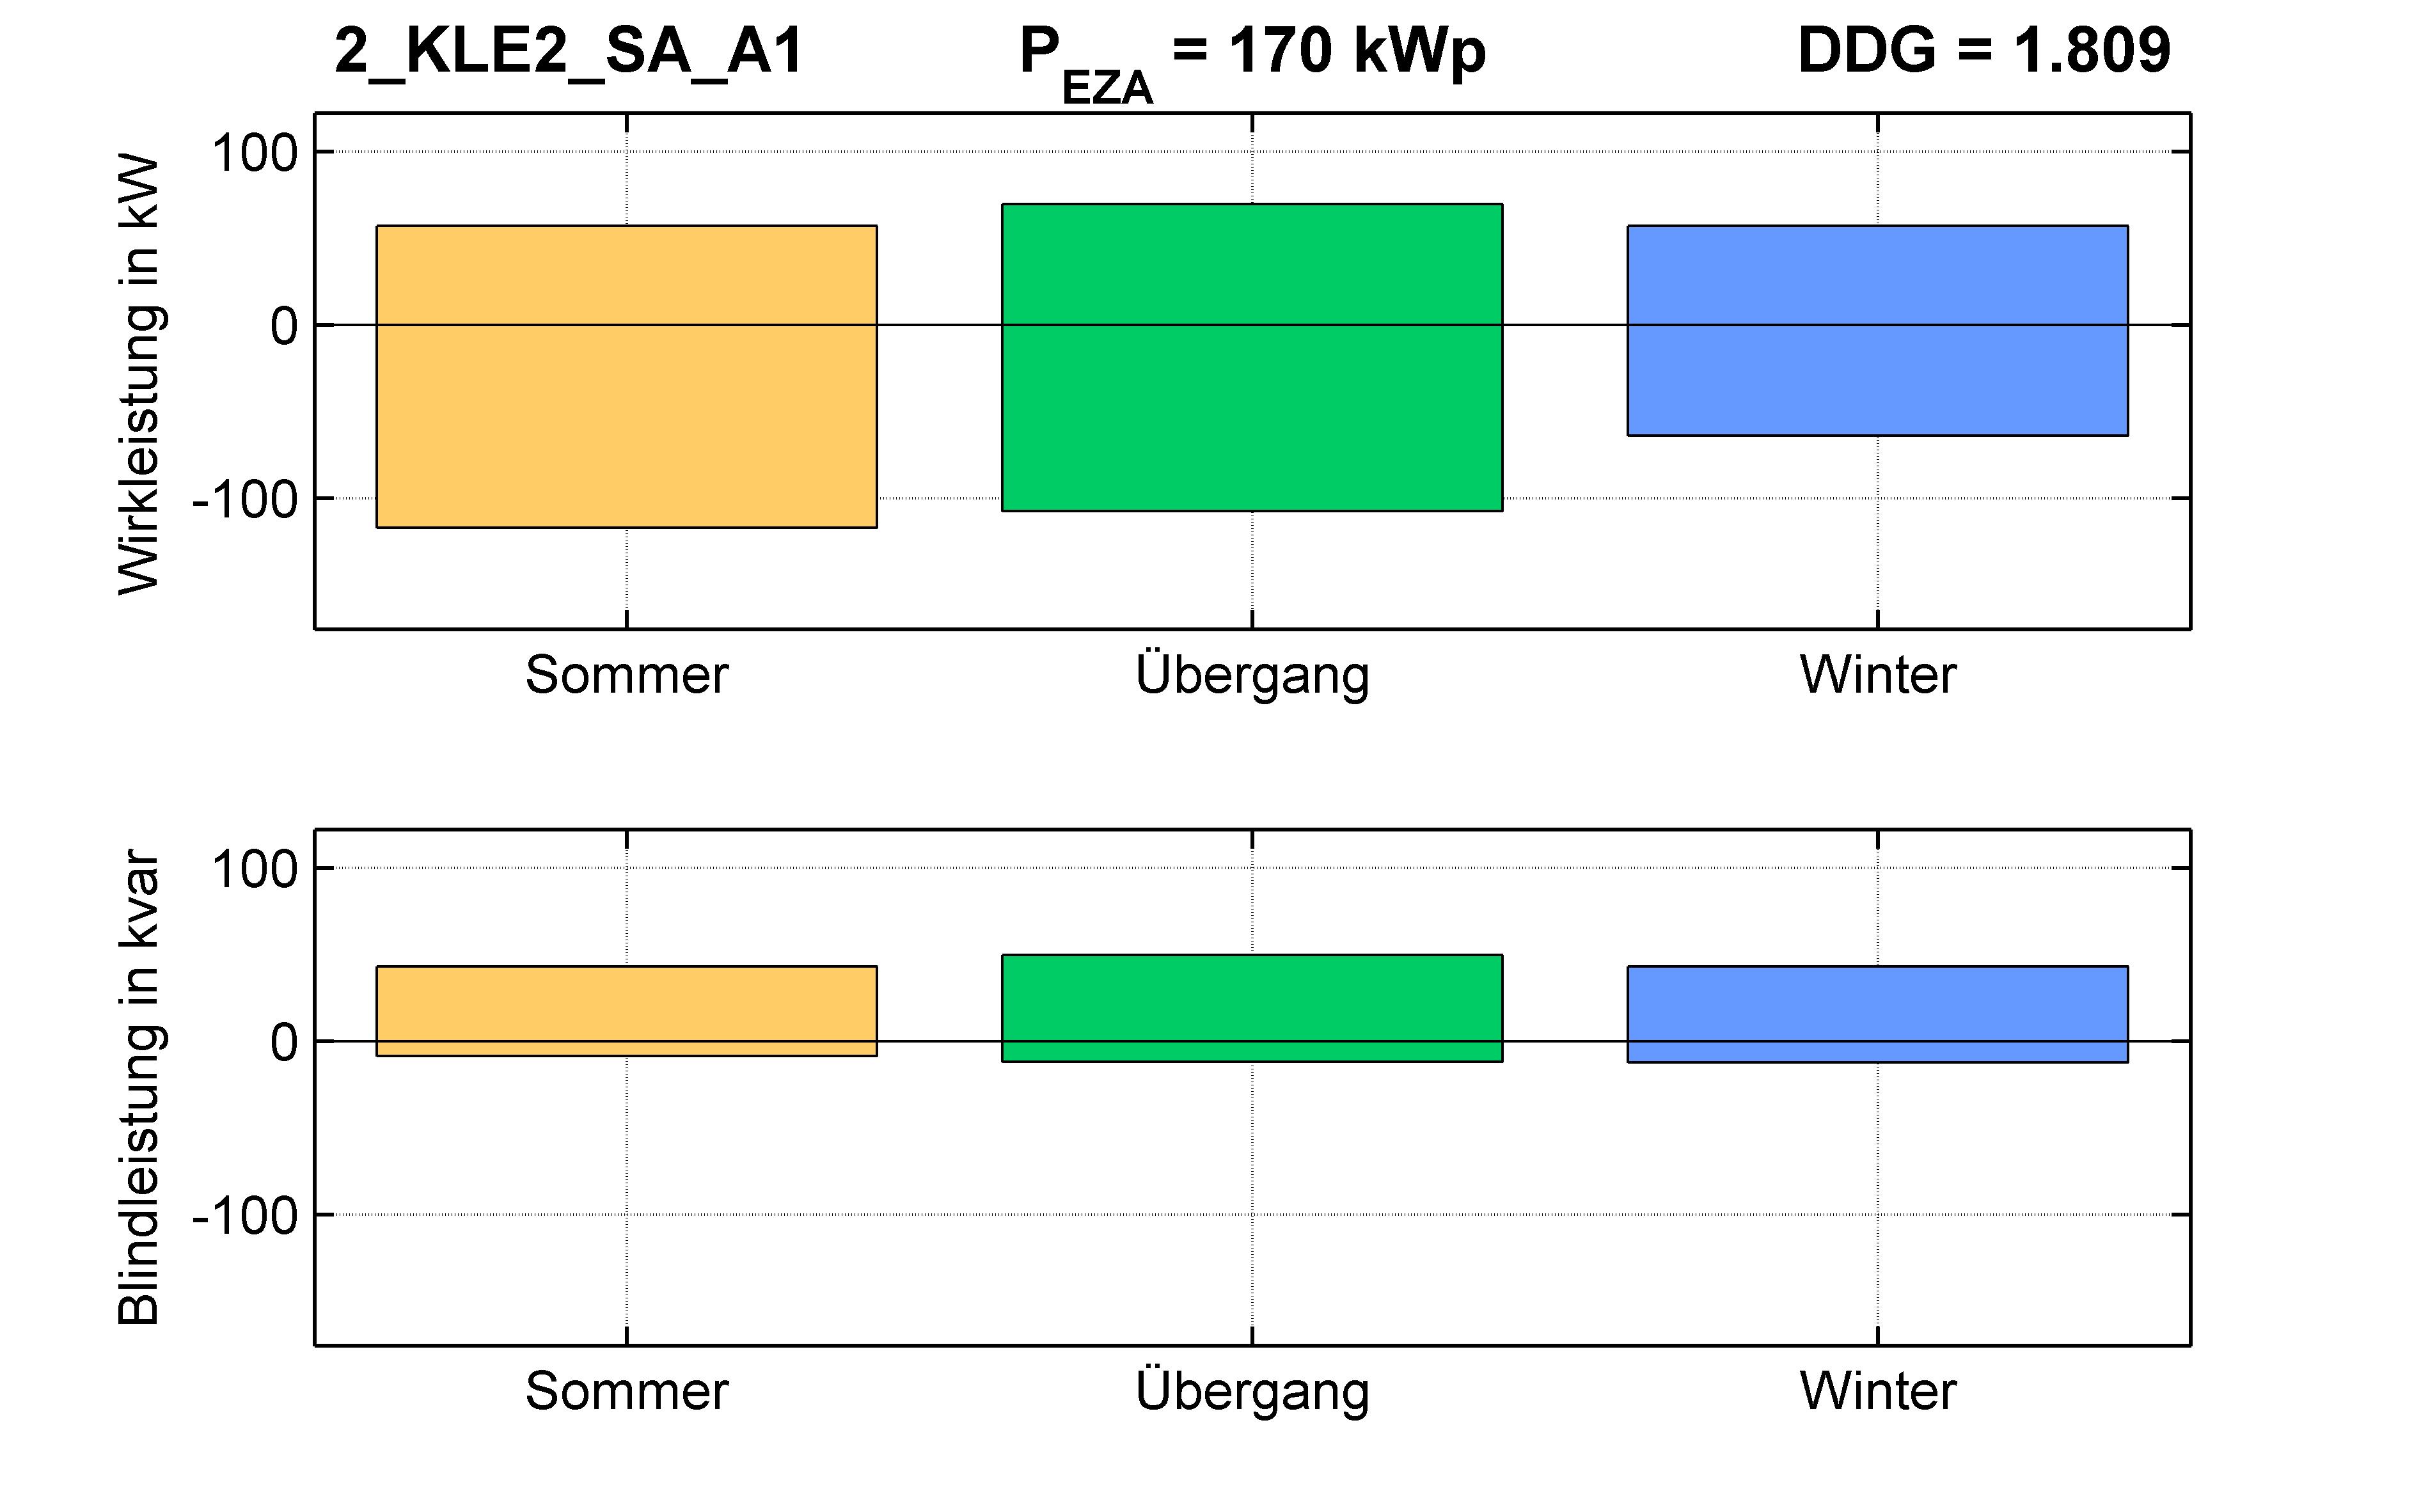 KLE2 | P-Kappung 85% (SA) A1 | PQ-Bilanz